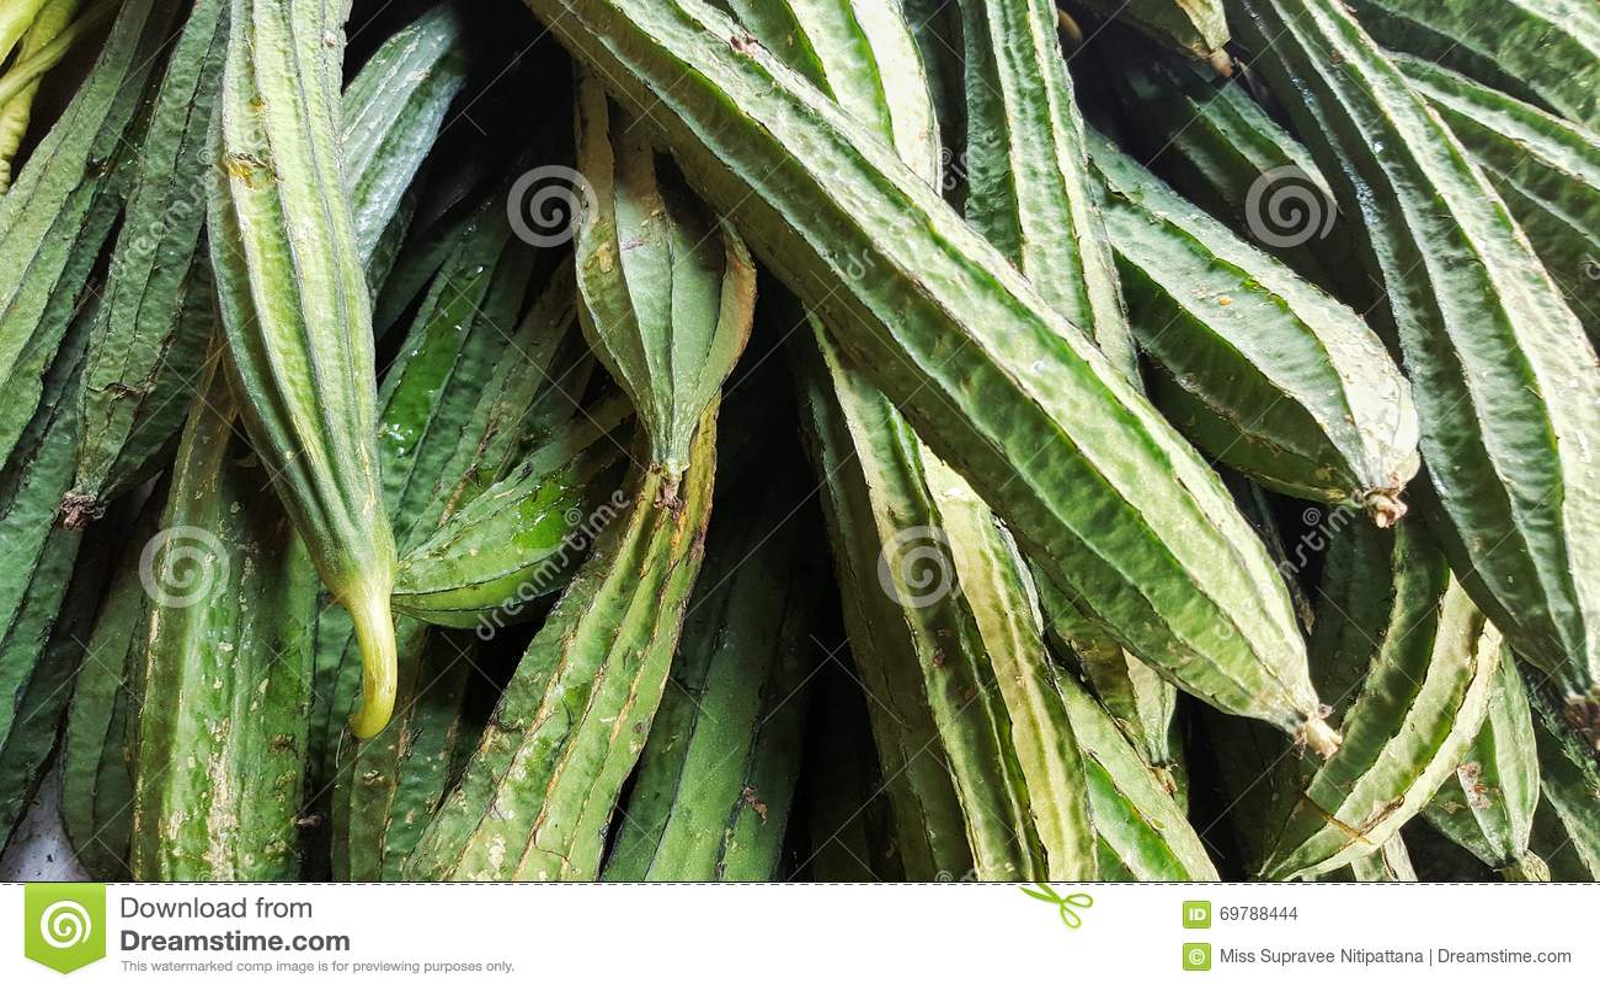 堆里奇金瓜在菜市场上